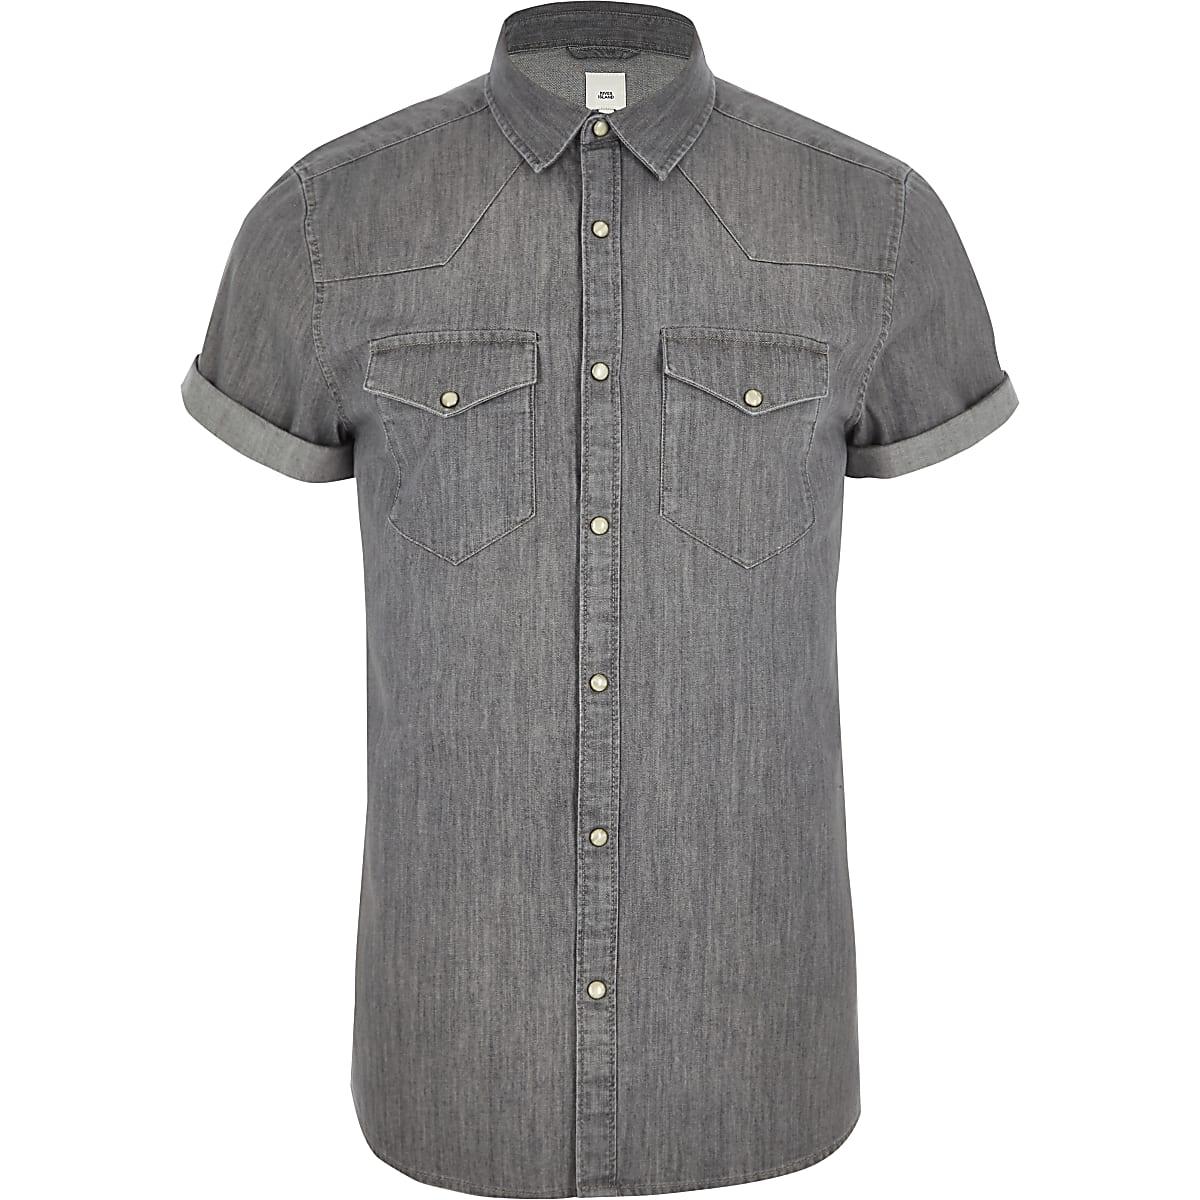 Slim Fit Denim Overhemd.Grijs Slim Fit Denim Overhemd In Westernlook Overhemden Met Korte